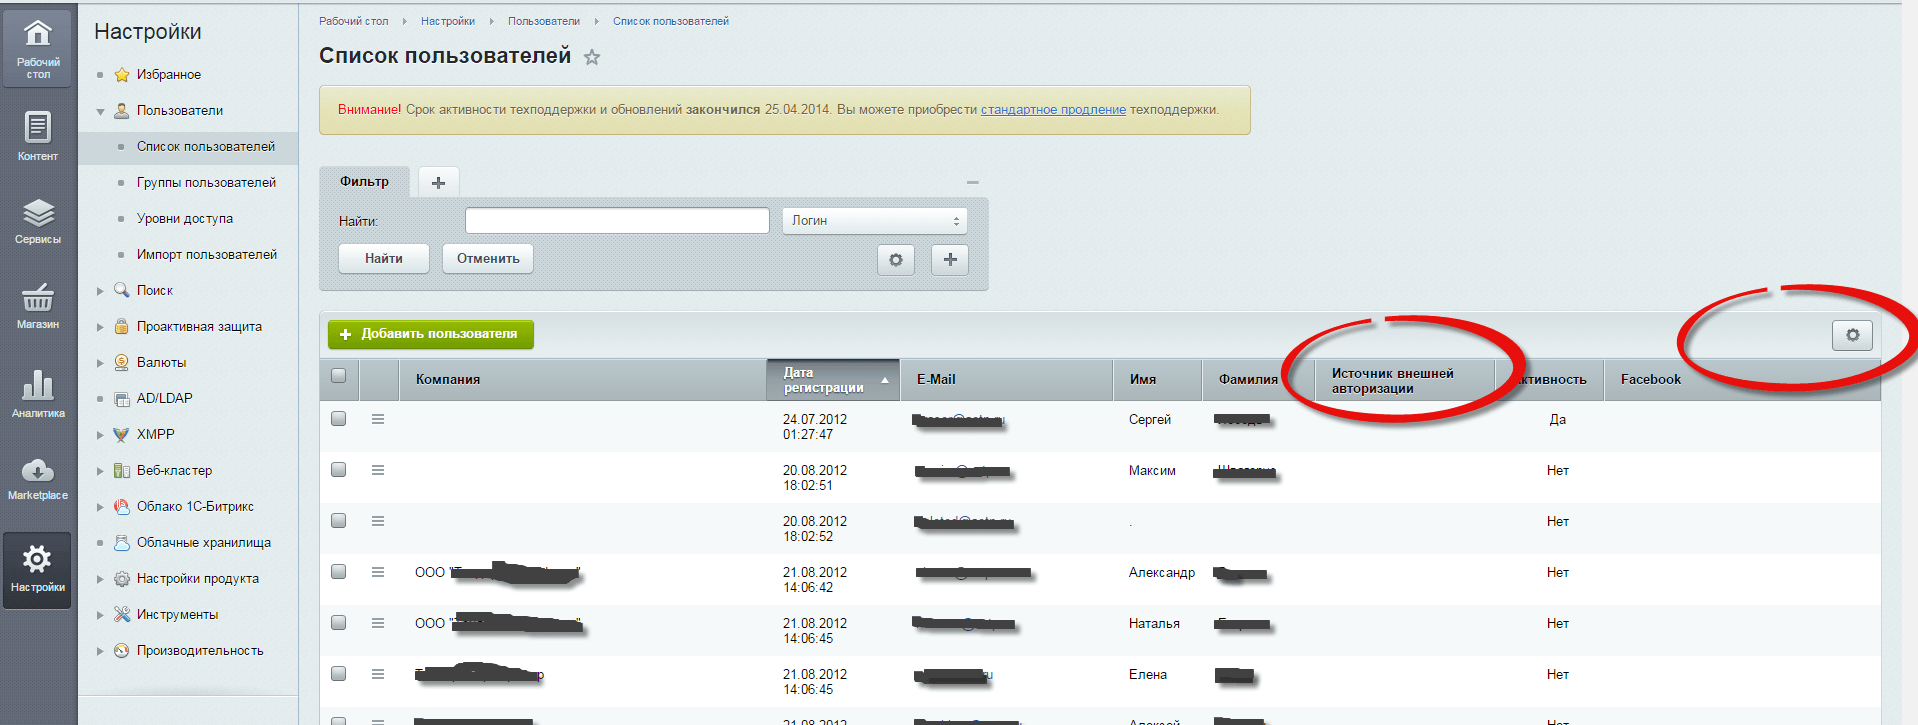 Как в Битриксе корпоративный портал удалить всех пользователей из Active Directory-01